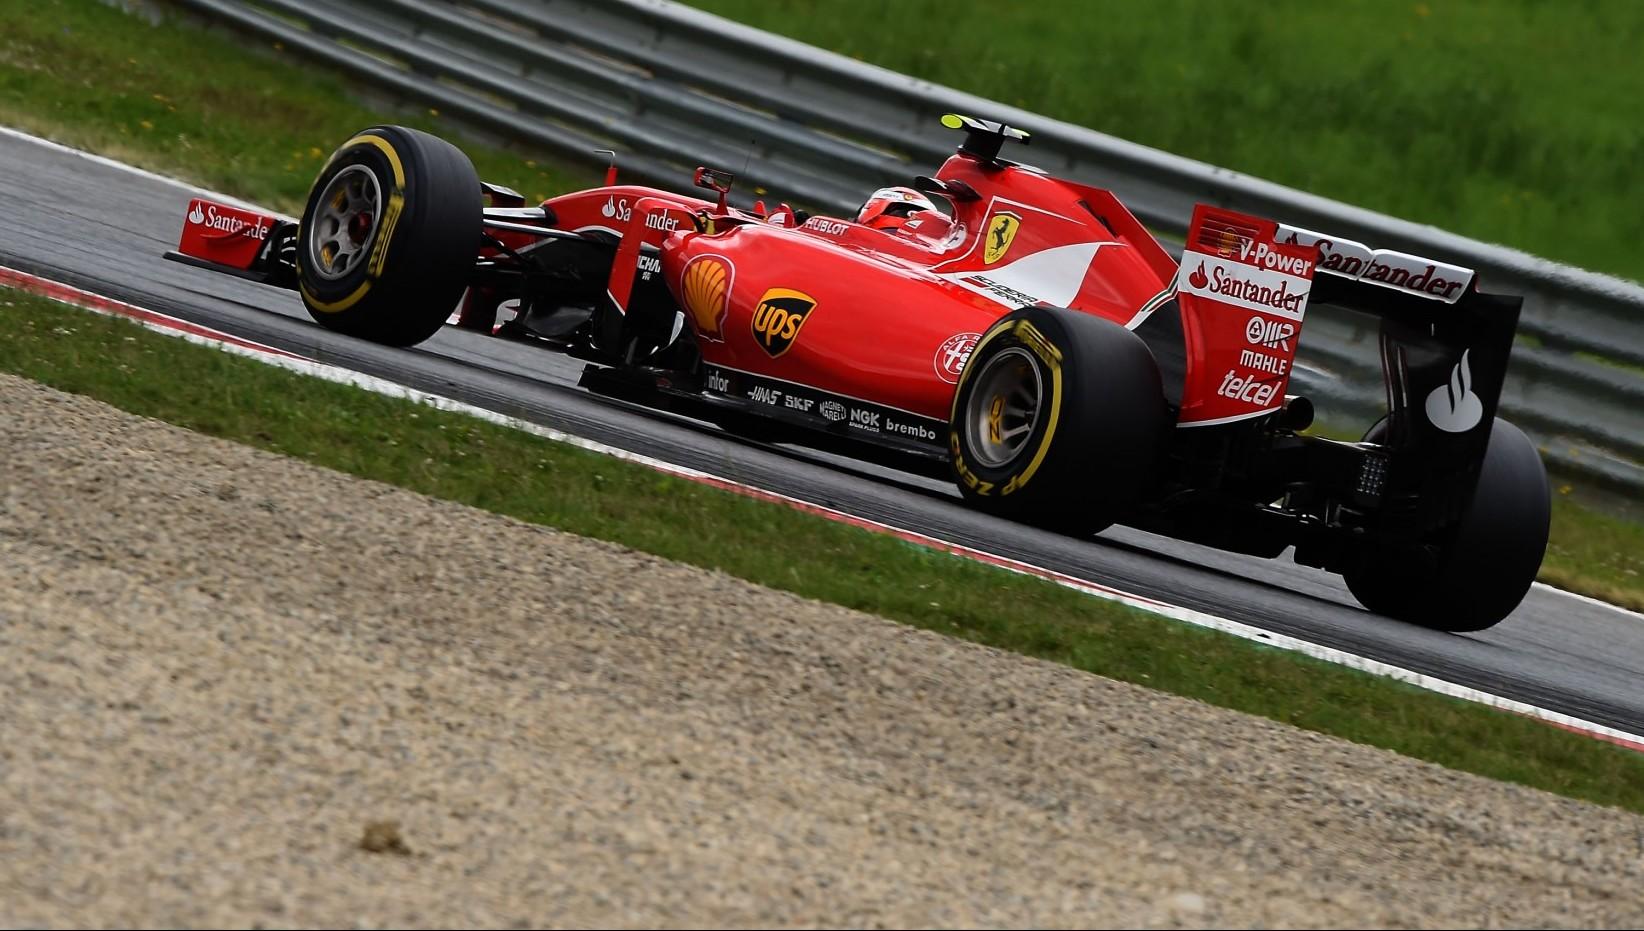 Kimi Räikkönens Ferrari